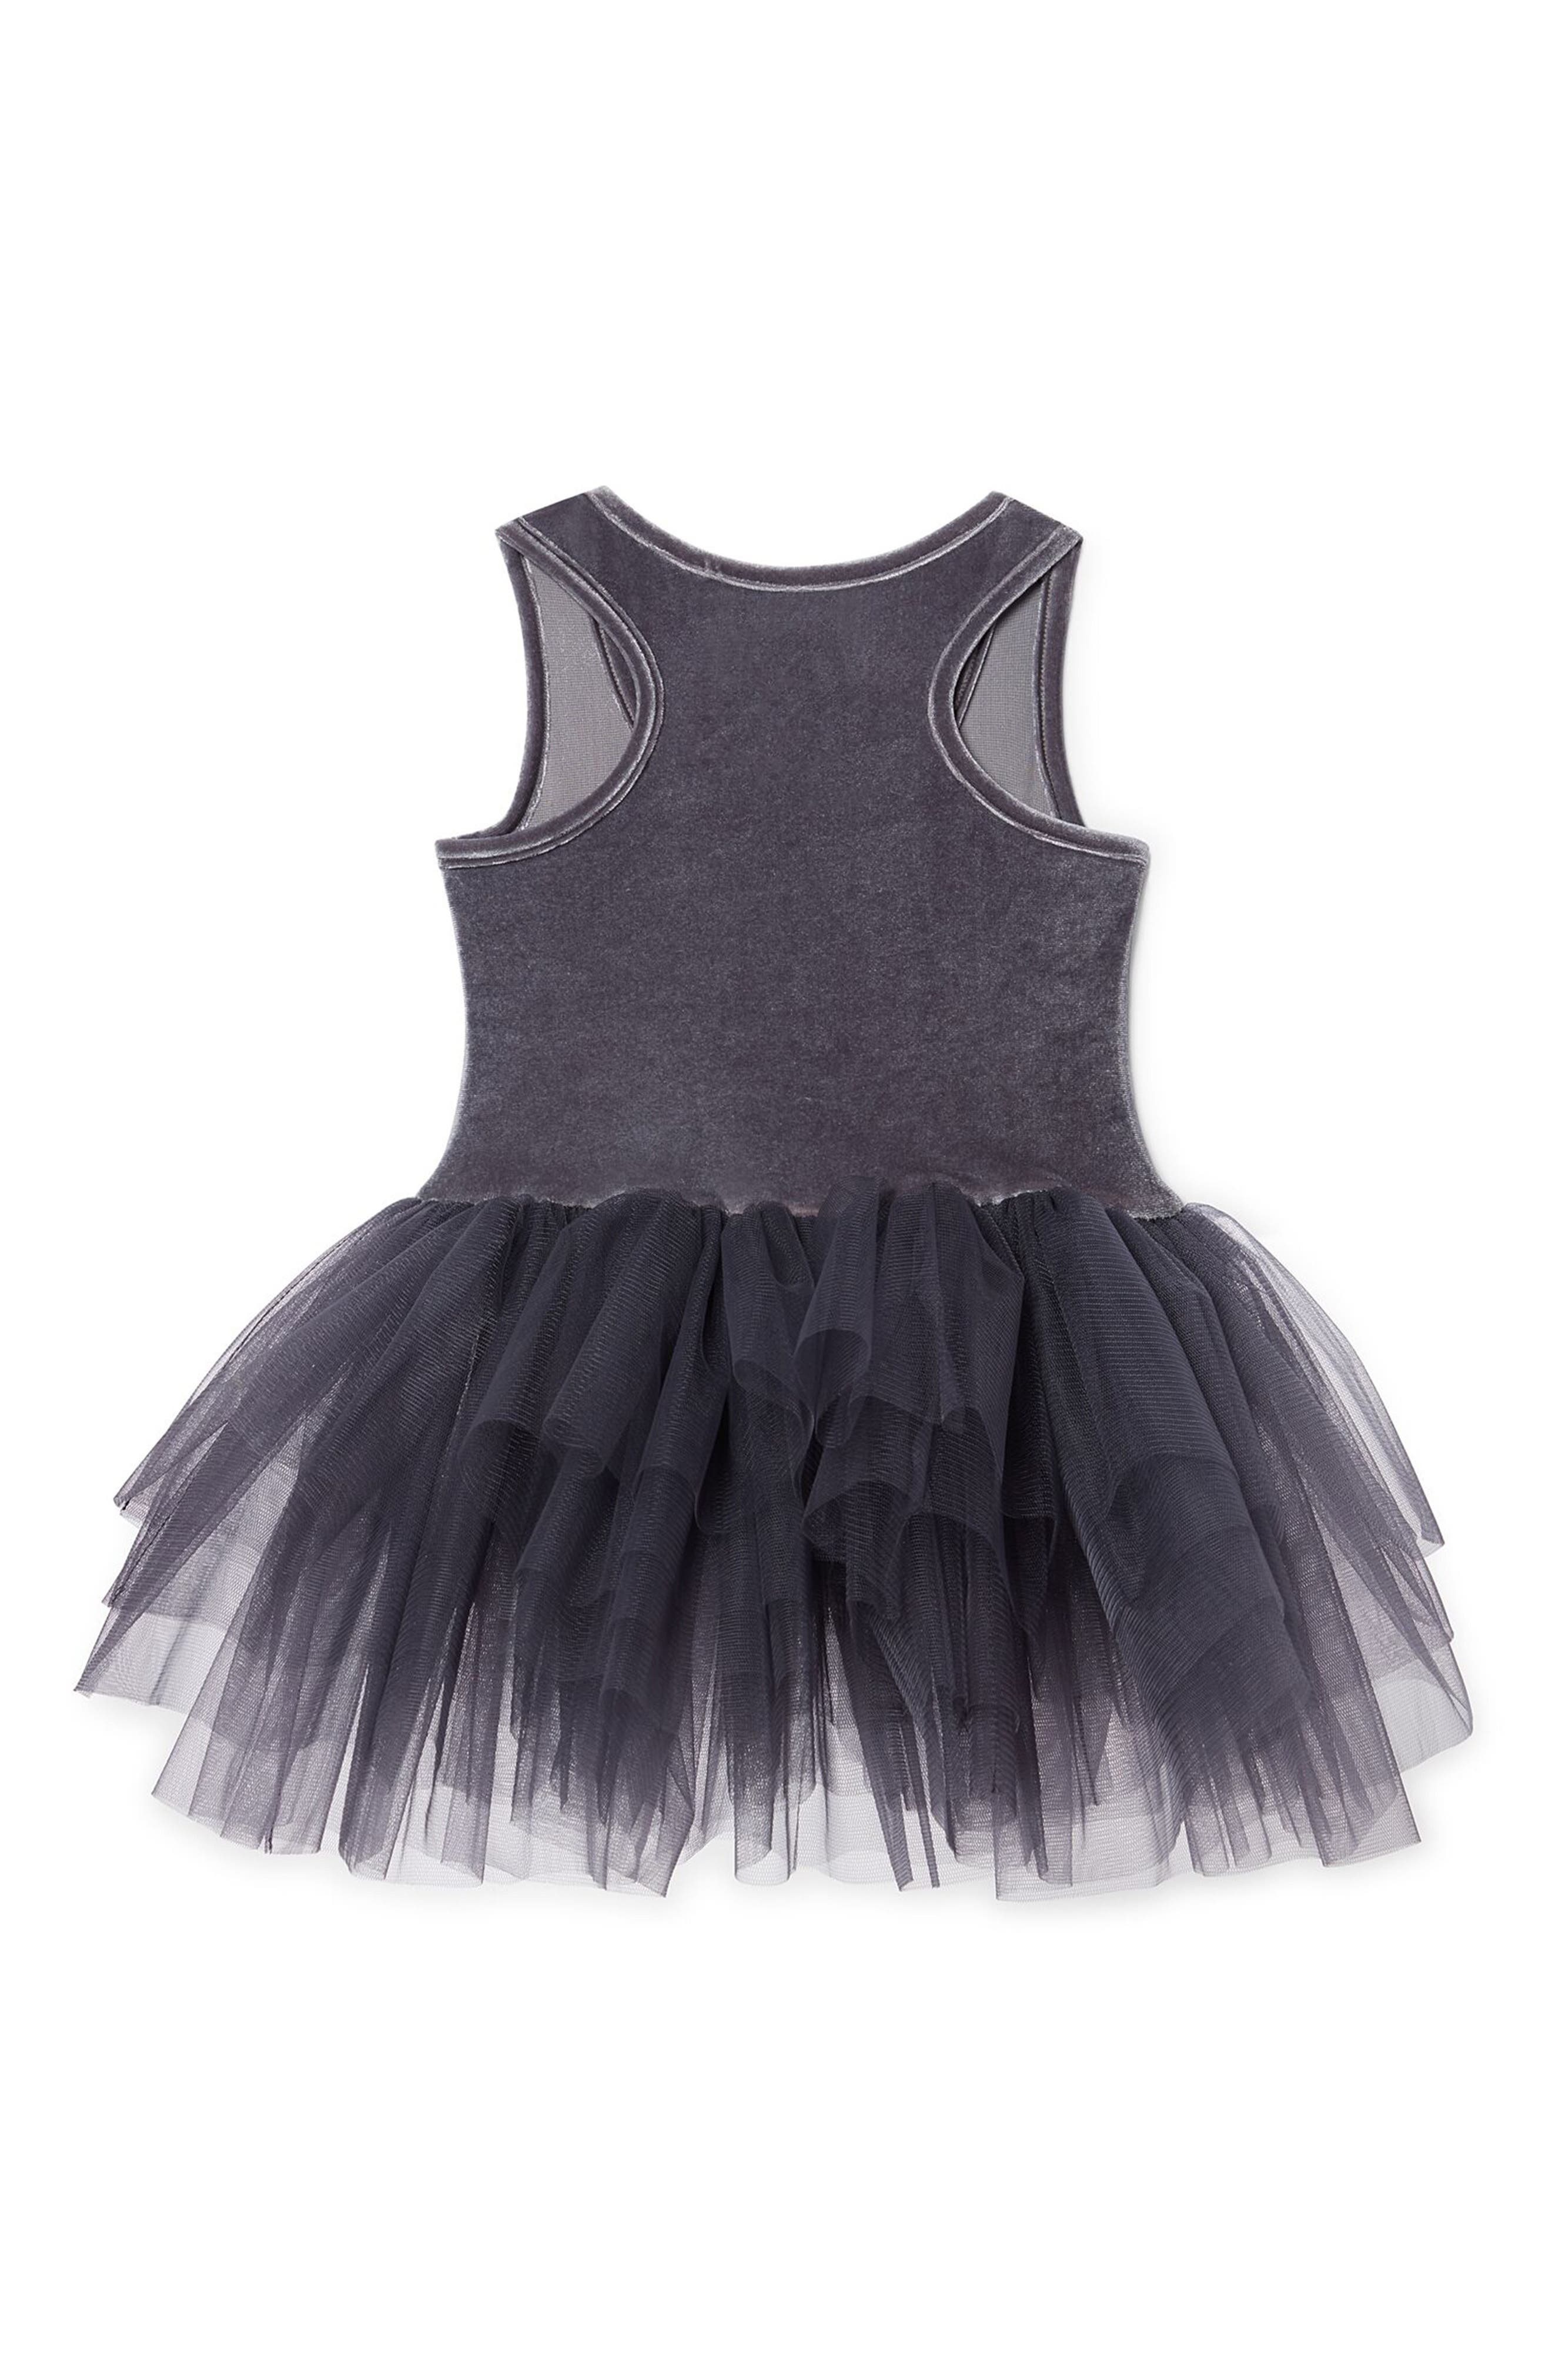 Velvet & Tulle Tutu Dress,                             Alternate thumbnail 2, color,                             020